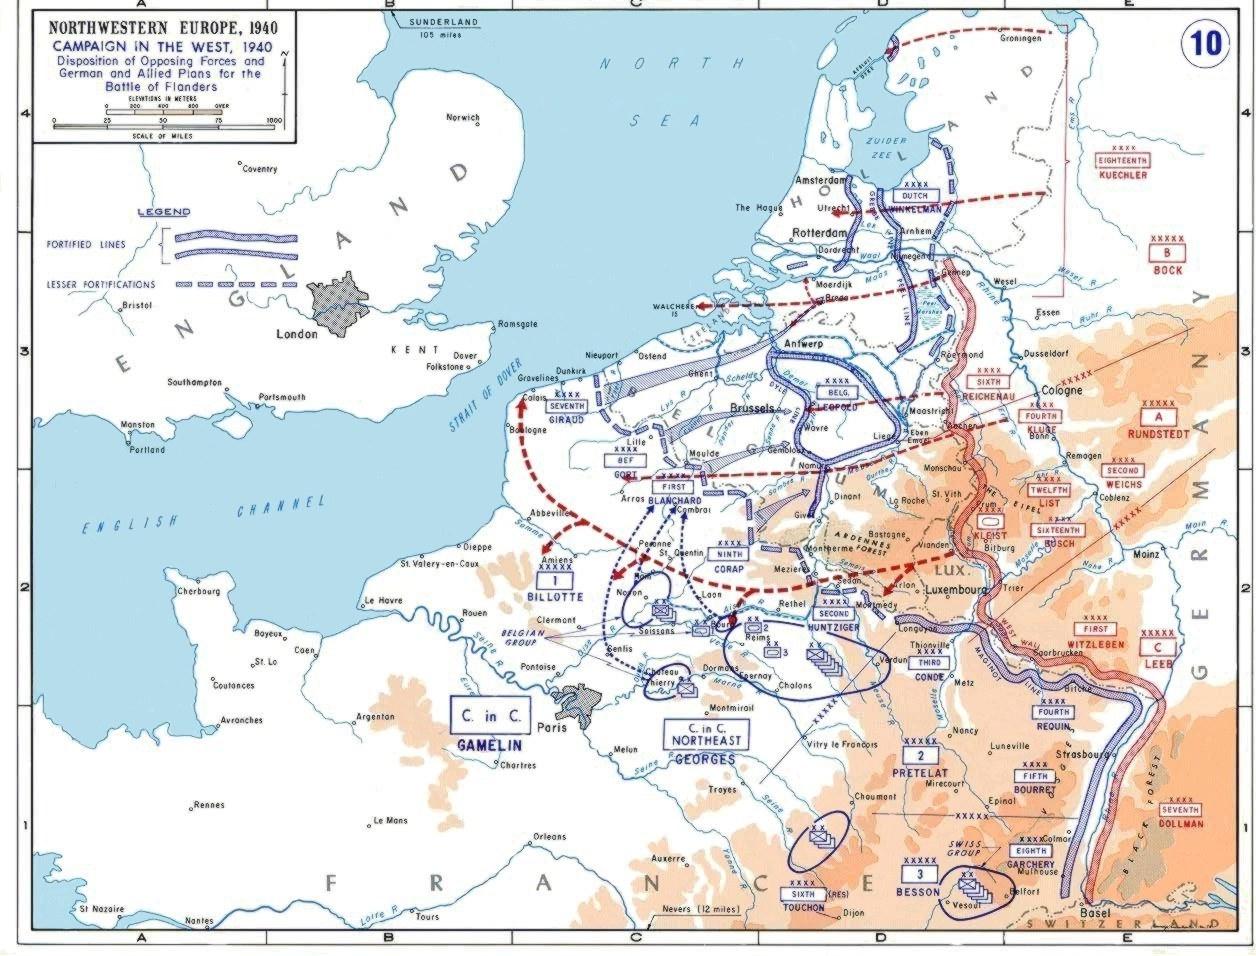 Немецкий план «Гельб» захвата Бельгии, Голландии, Люксембурга и Франции в 1940 году.